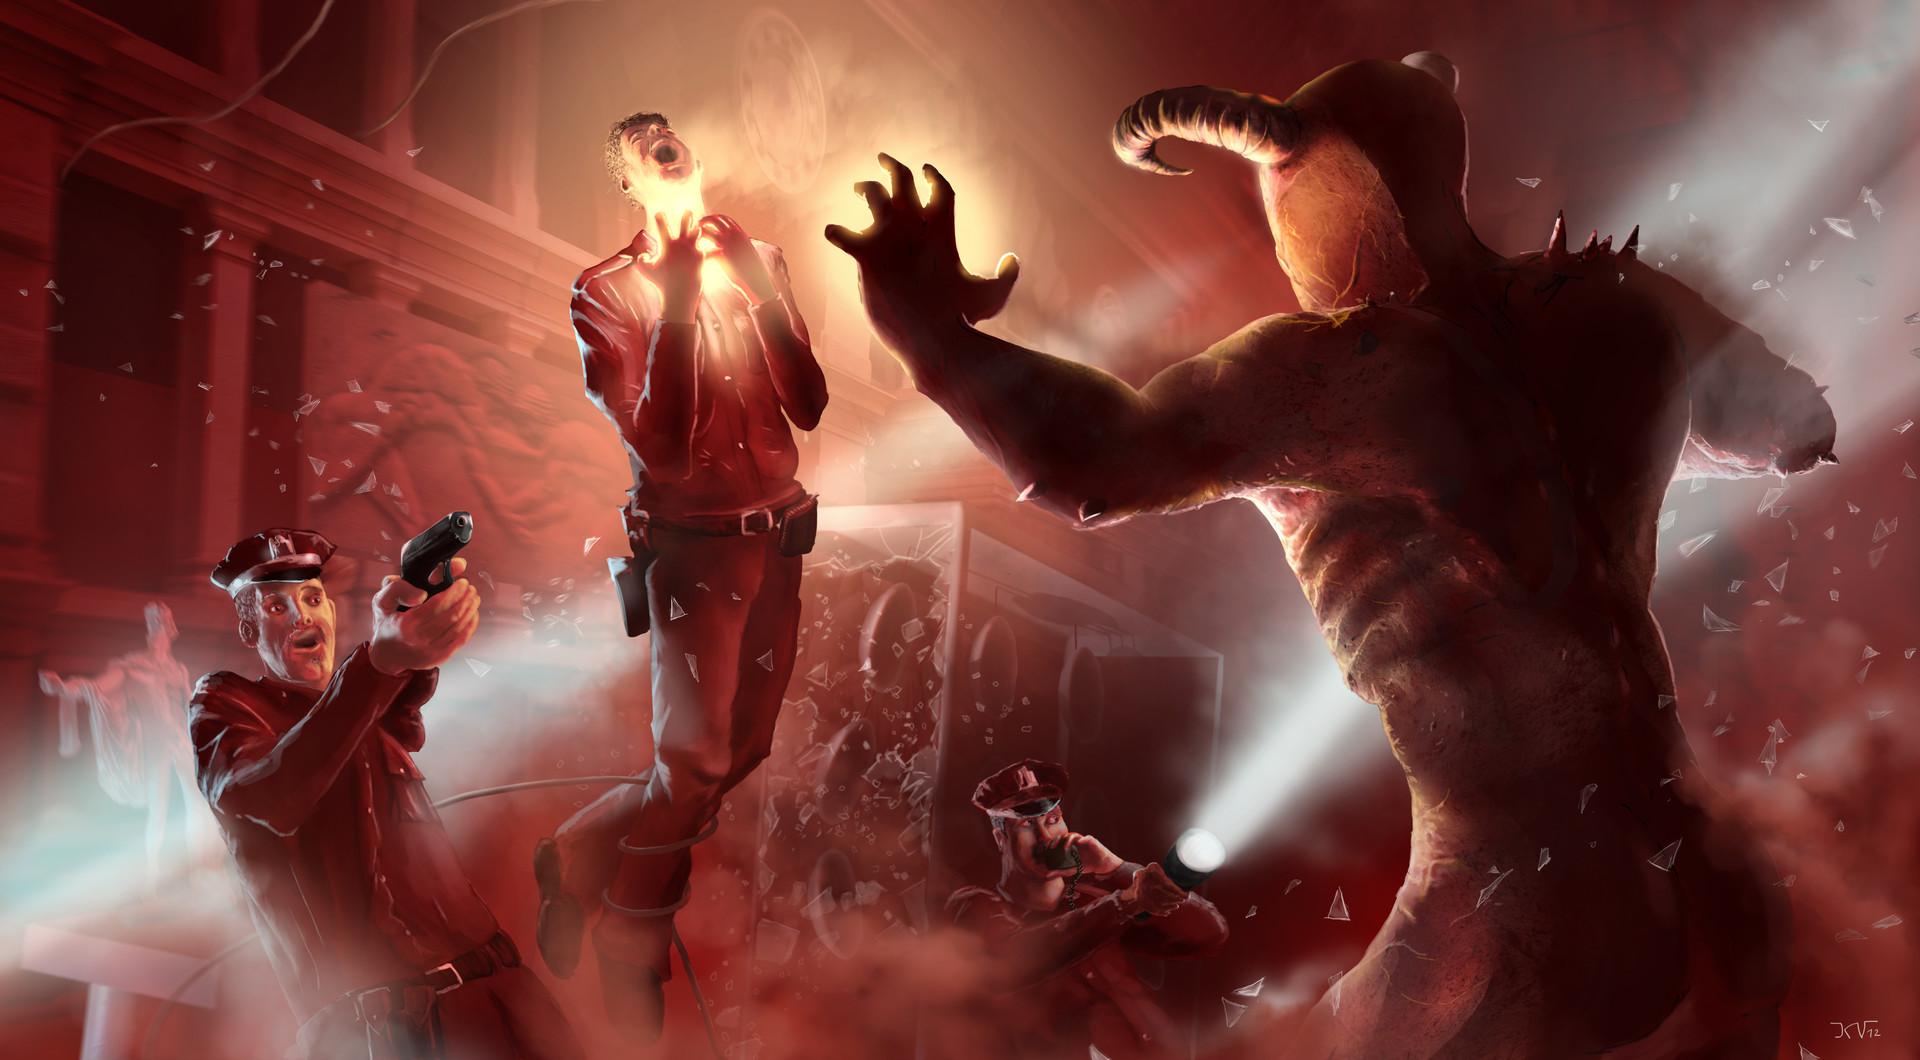 Konstantin vohwinkel demon 04